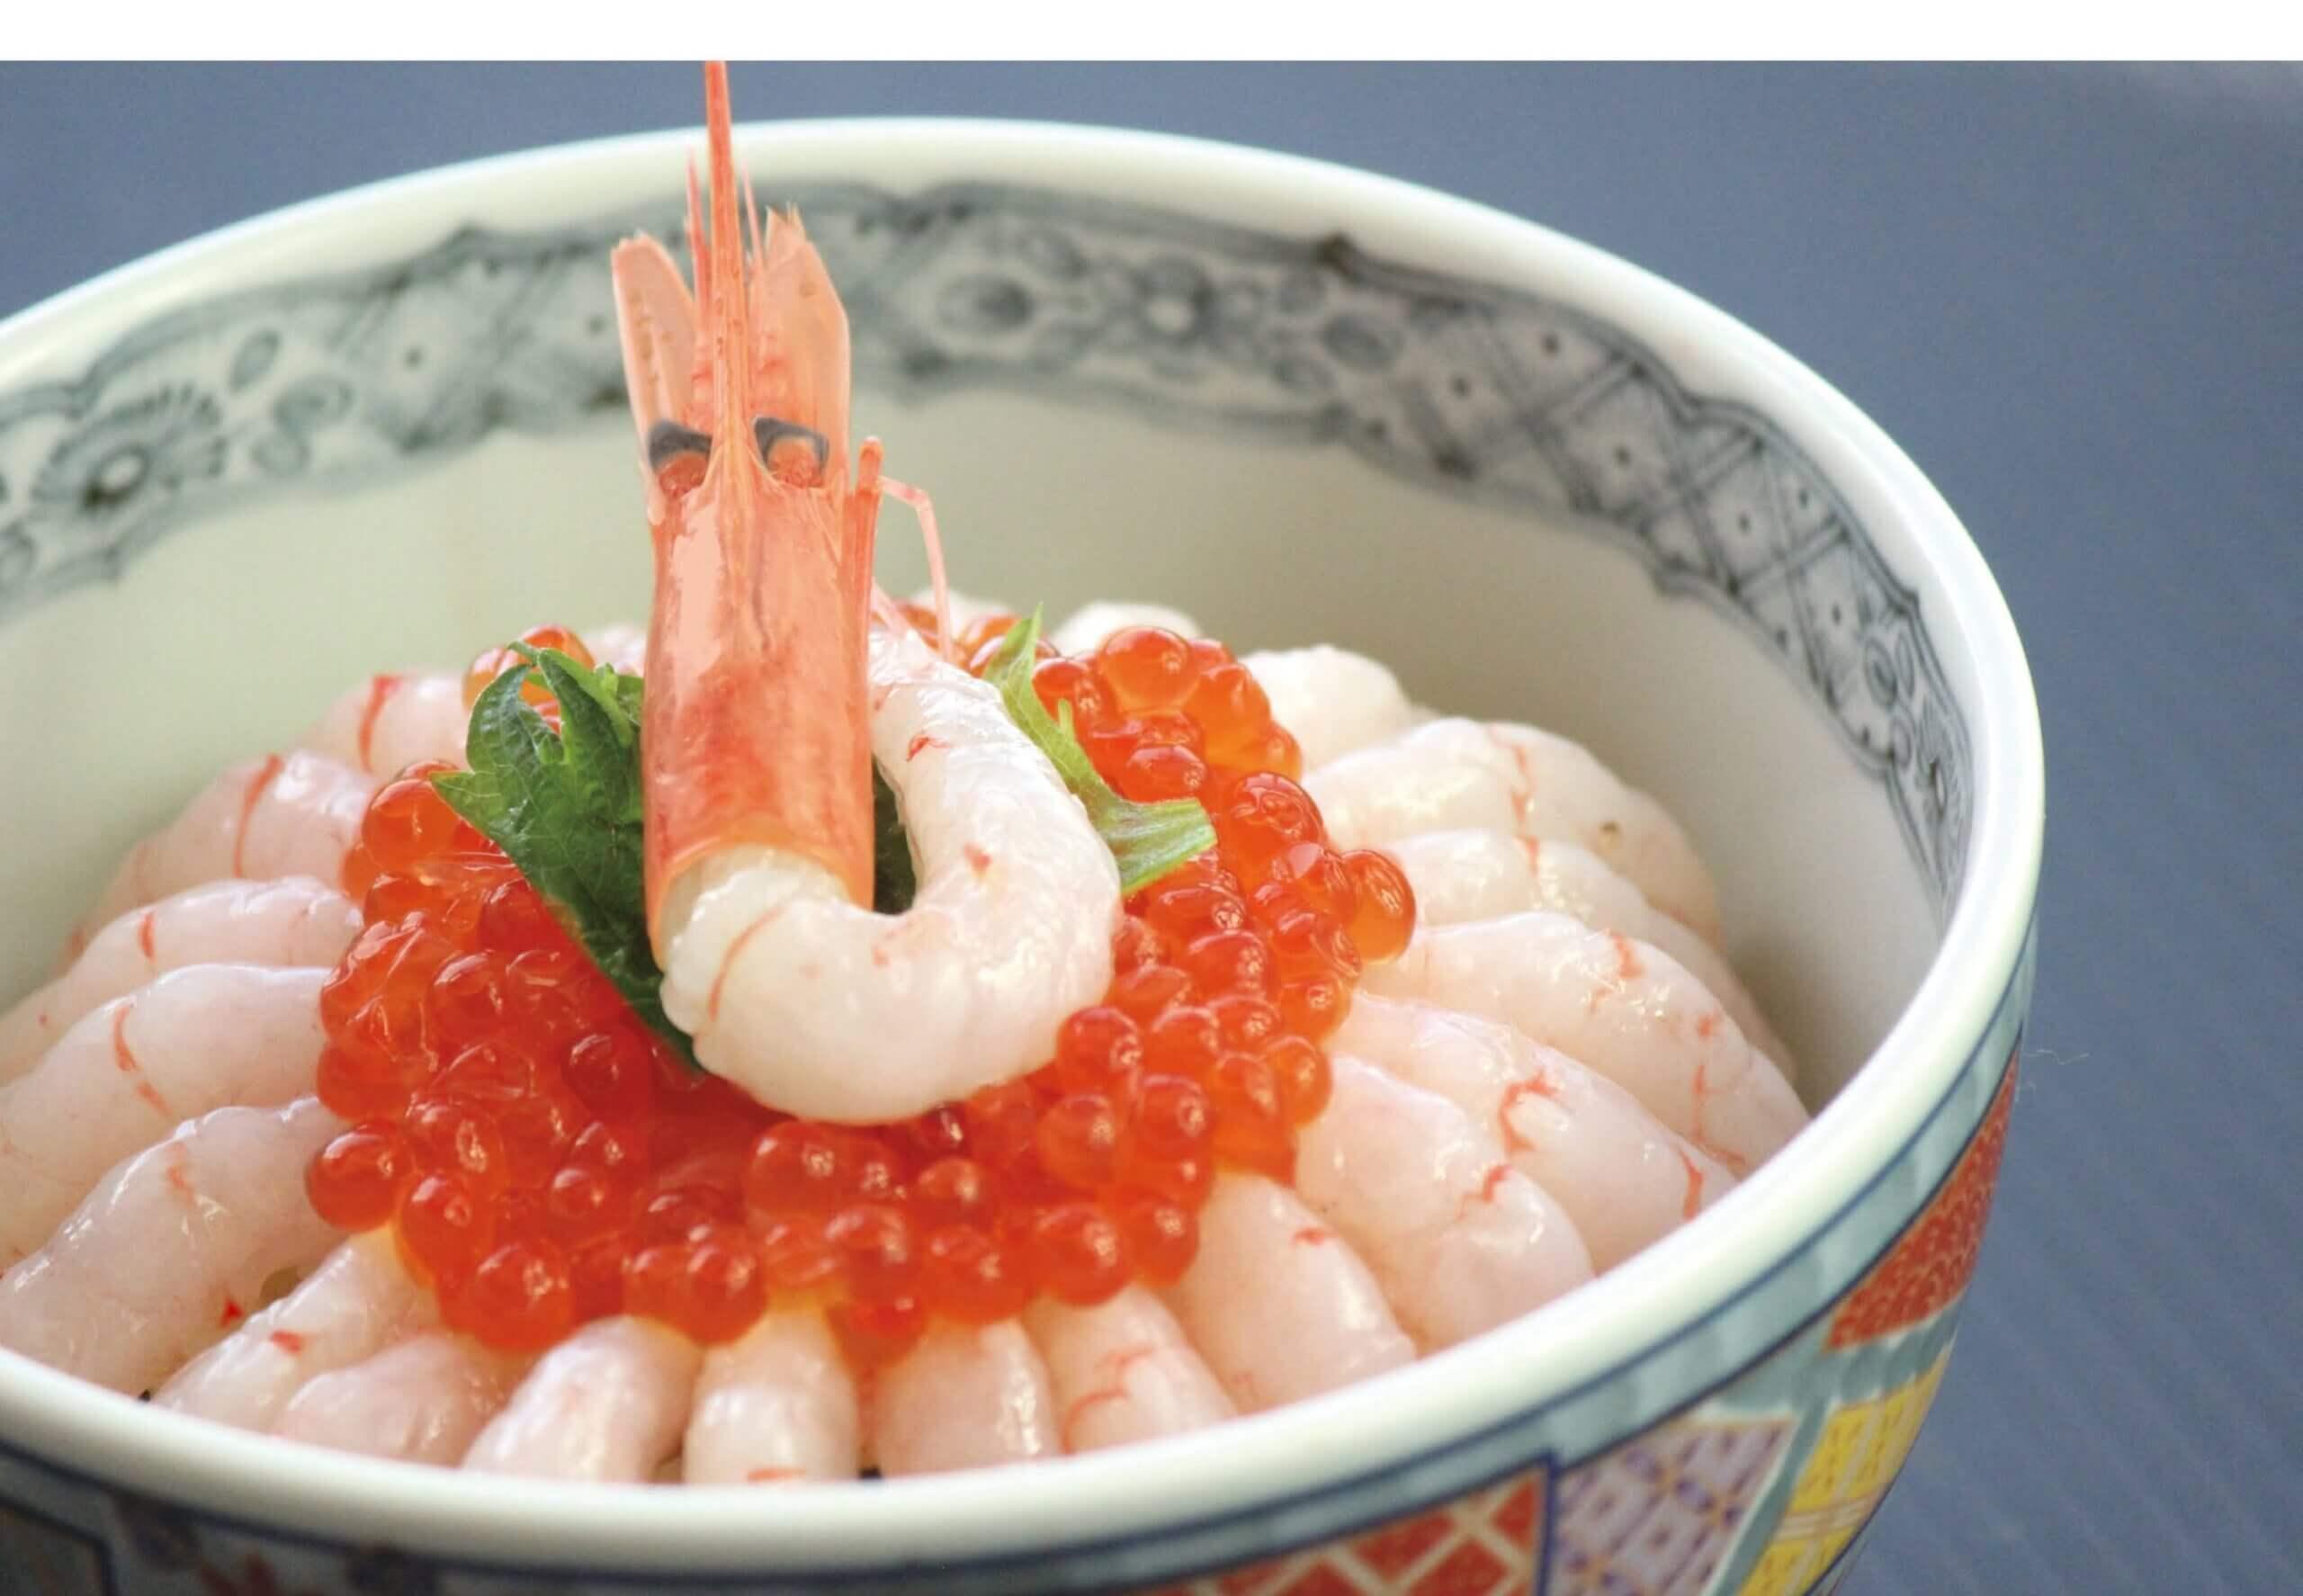 不容錯過的北海道・稚内當地美食